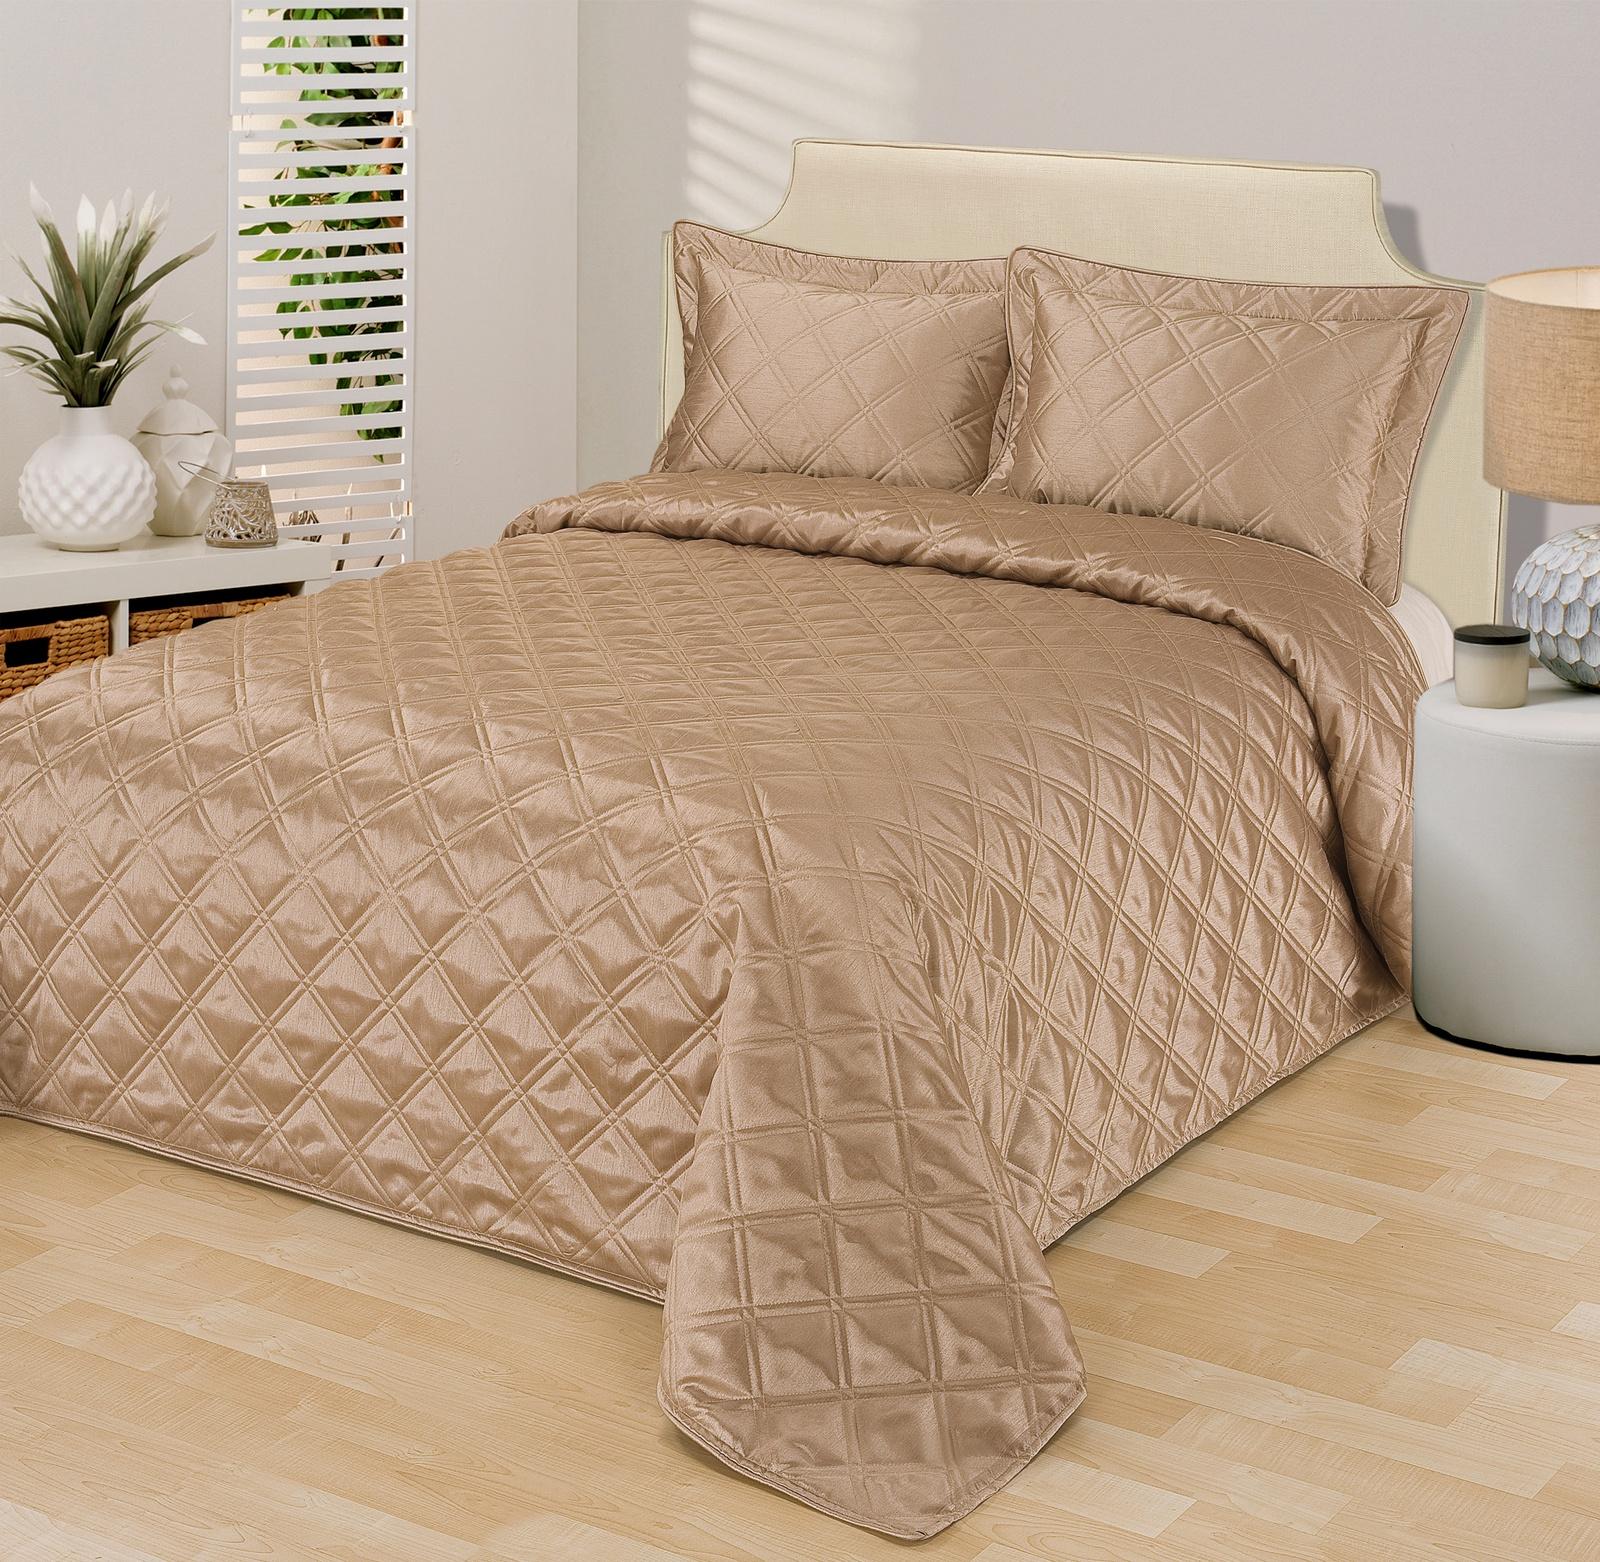 Комплект для спальни Sofi De Marko: покрывало, 240 х 260 см, 2 наволочки, цвет: бежевый. Пок-12-МБ